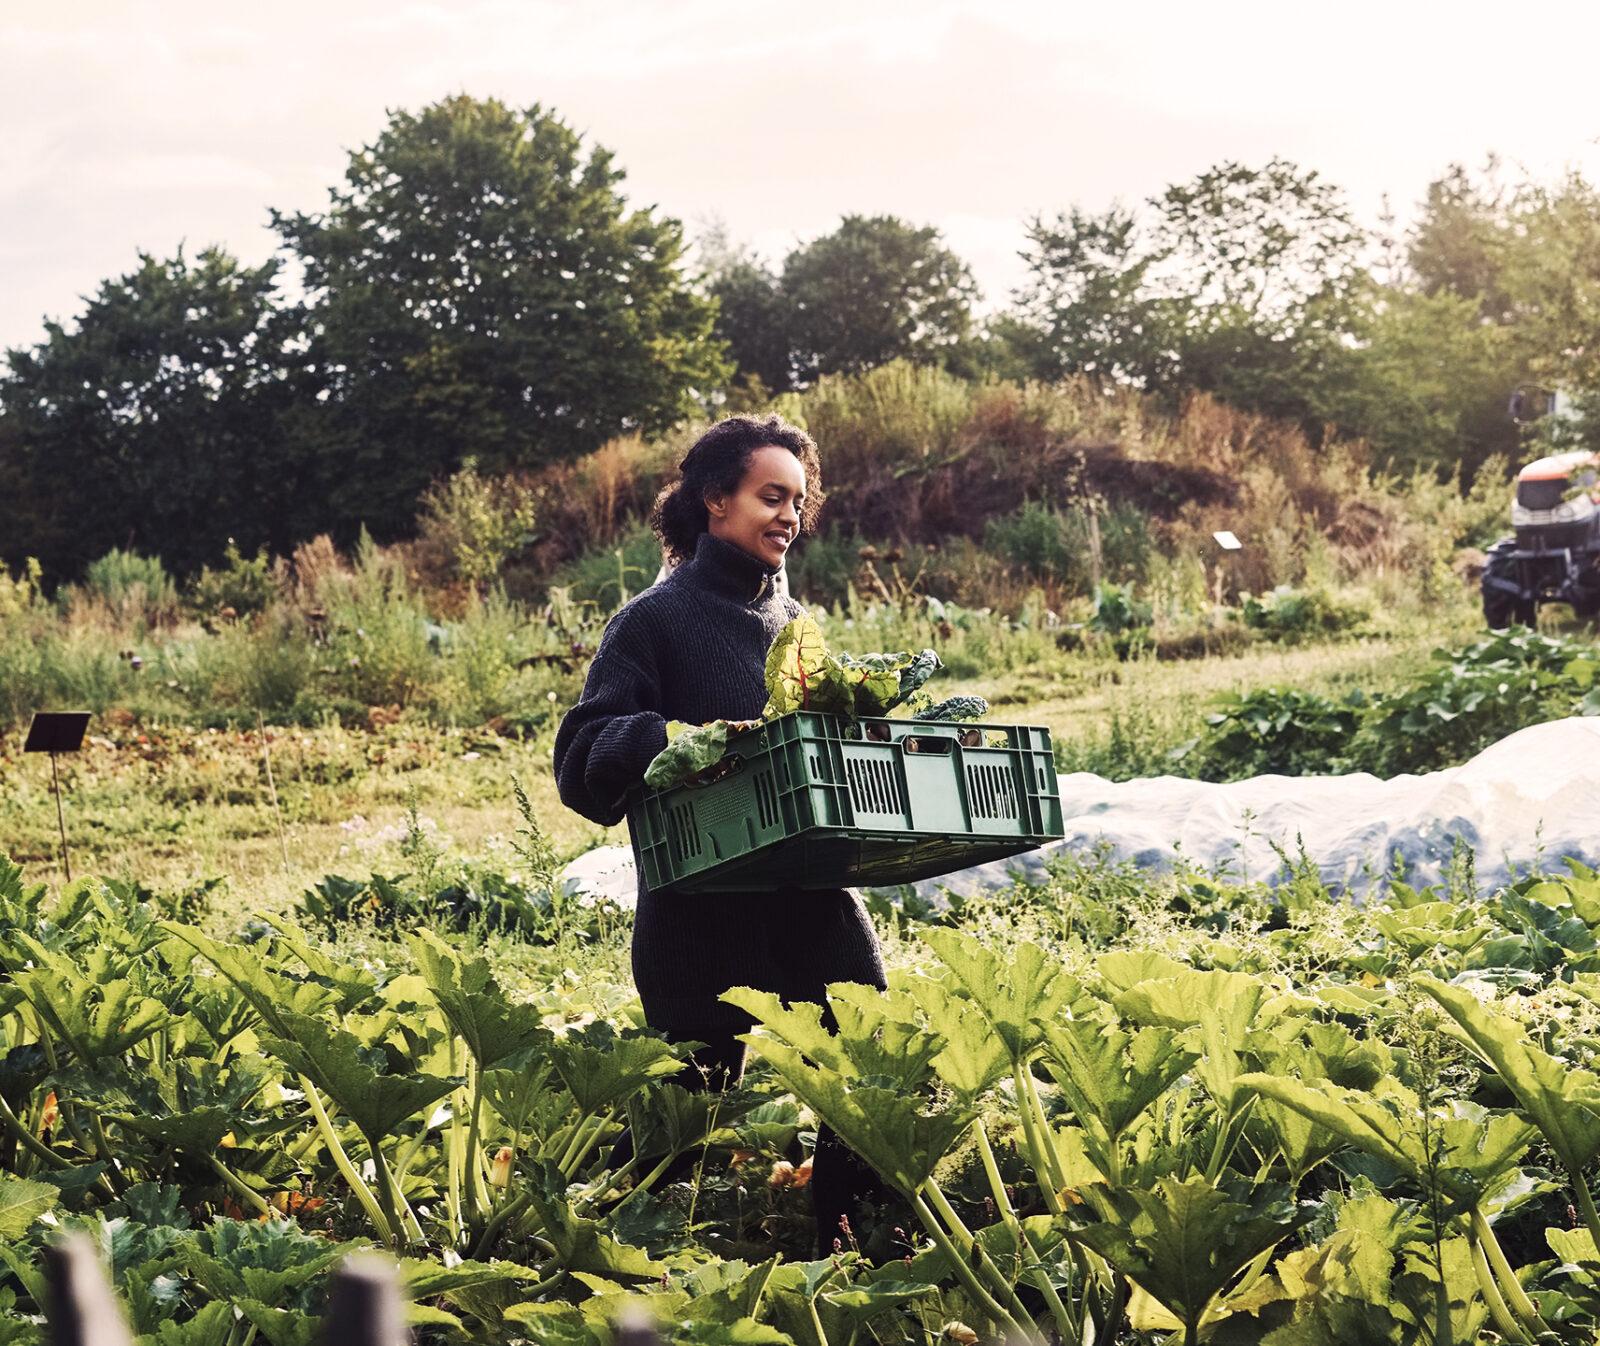 Kvinna, grönsaker, grönsaksland, odling, odlingslandskap, odlingar,